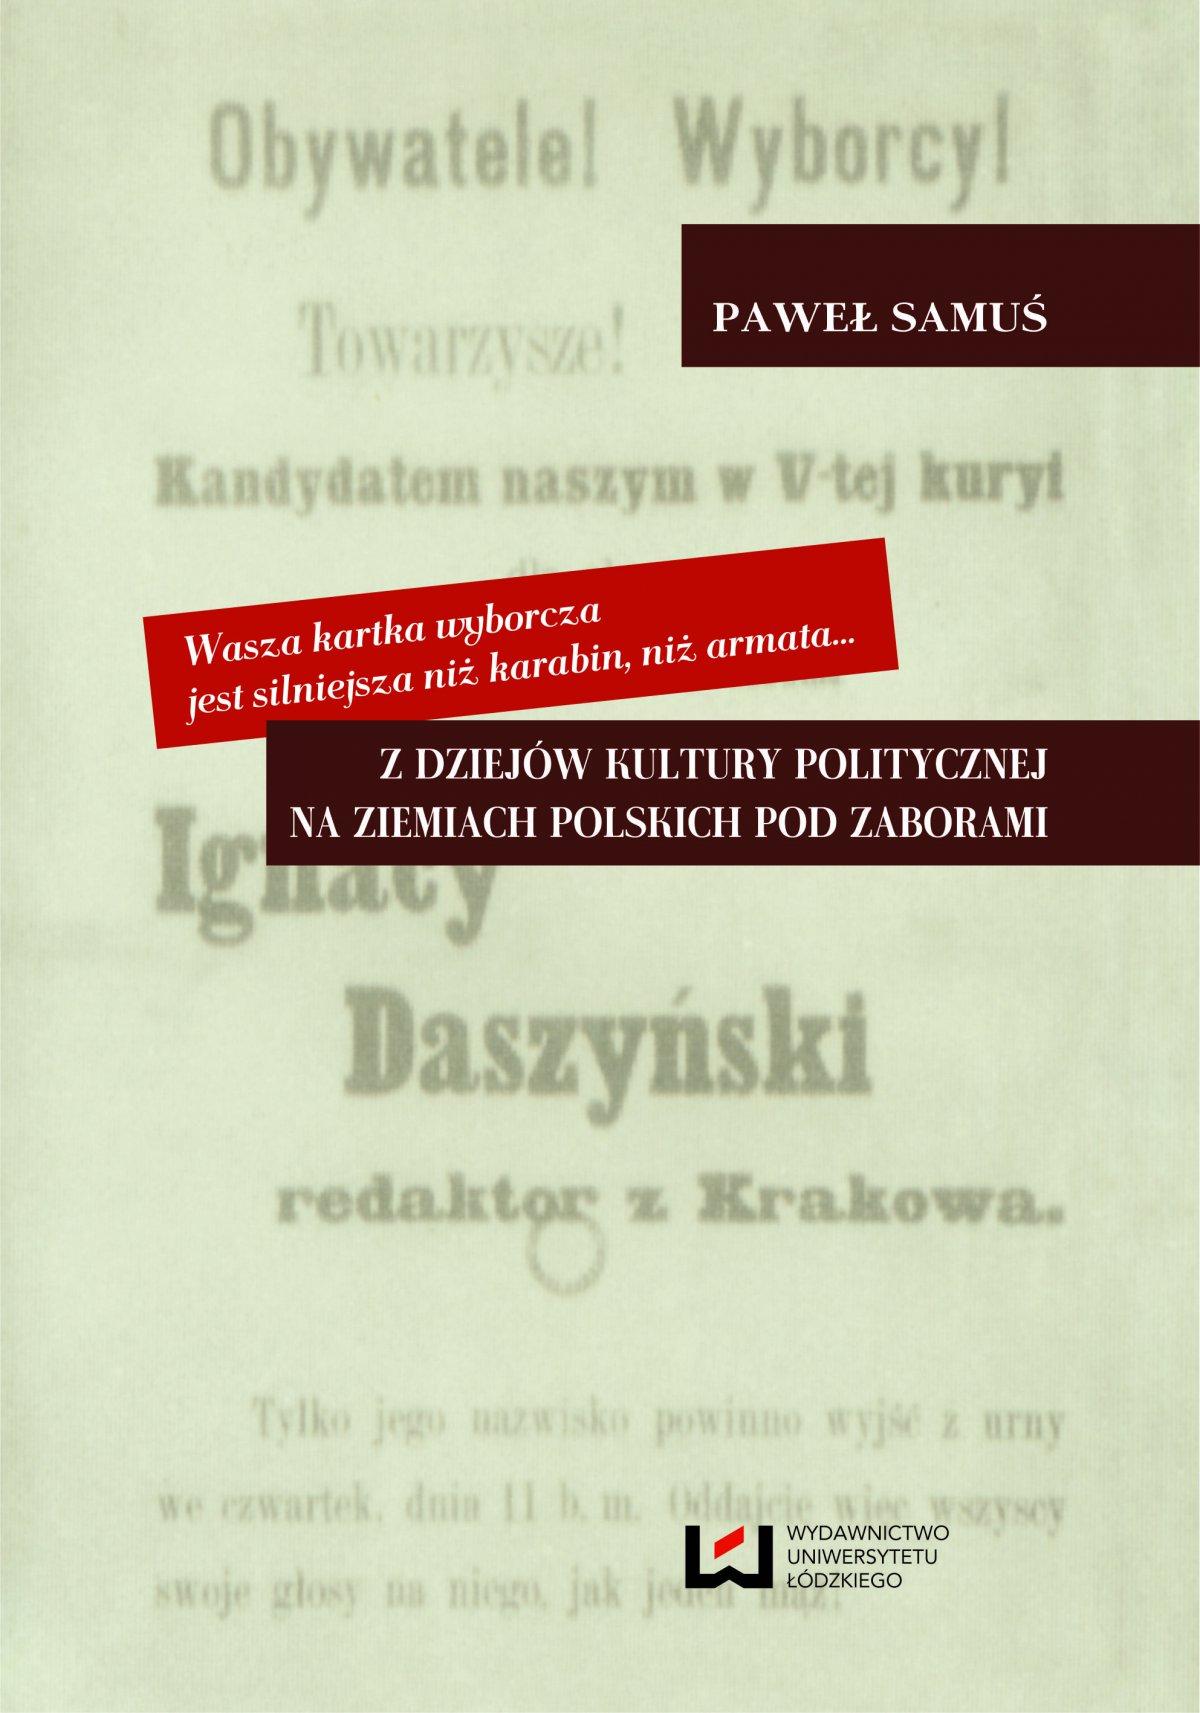 Wasza kartka wyborcza jest silniejsza niż karabin, niż armata... Z dziejów kultury politycznej na ziemiach polskich pod zaborami - Ebook (Książka PDF) do pobrania w formacie PDF